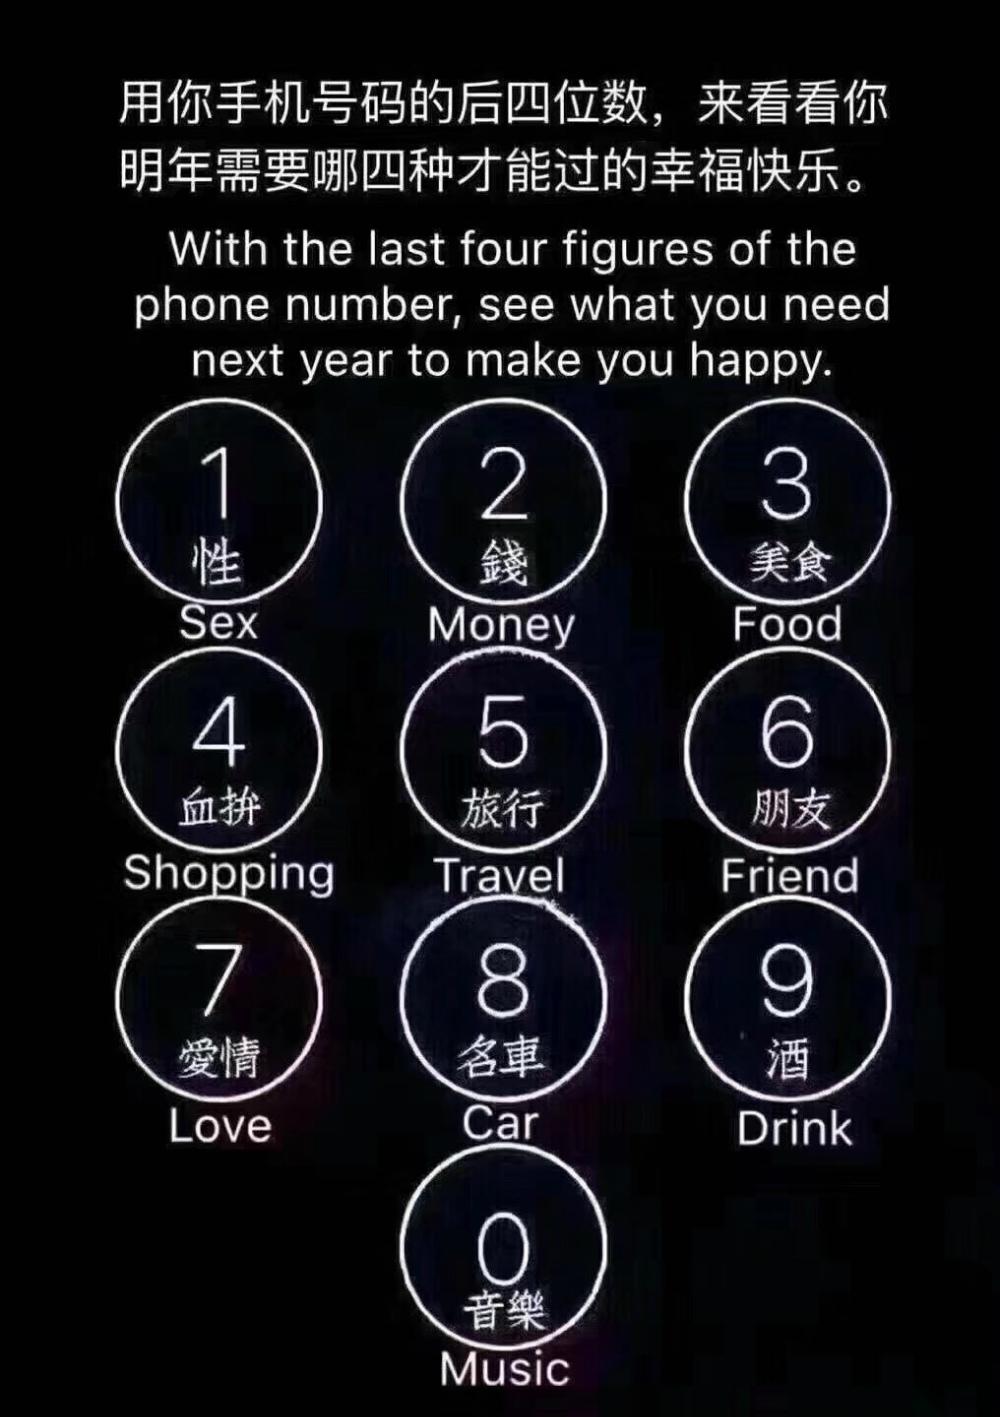 用你手机号码的后四位数,来看看沫友们明年需要哪四种才能过的幸福快乐